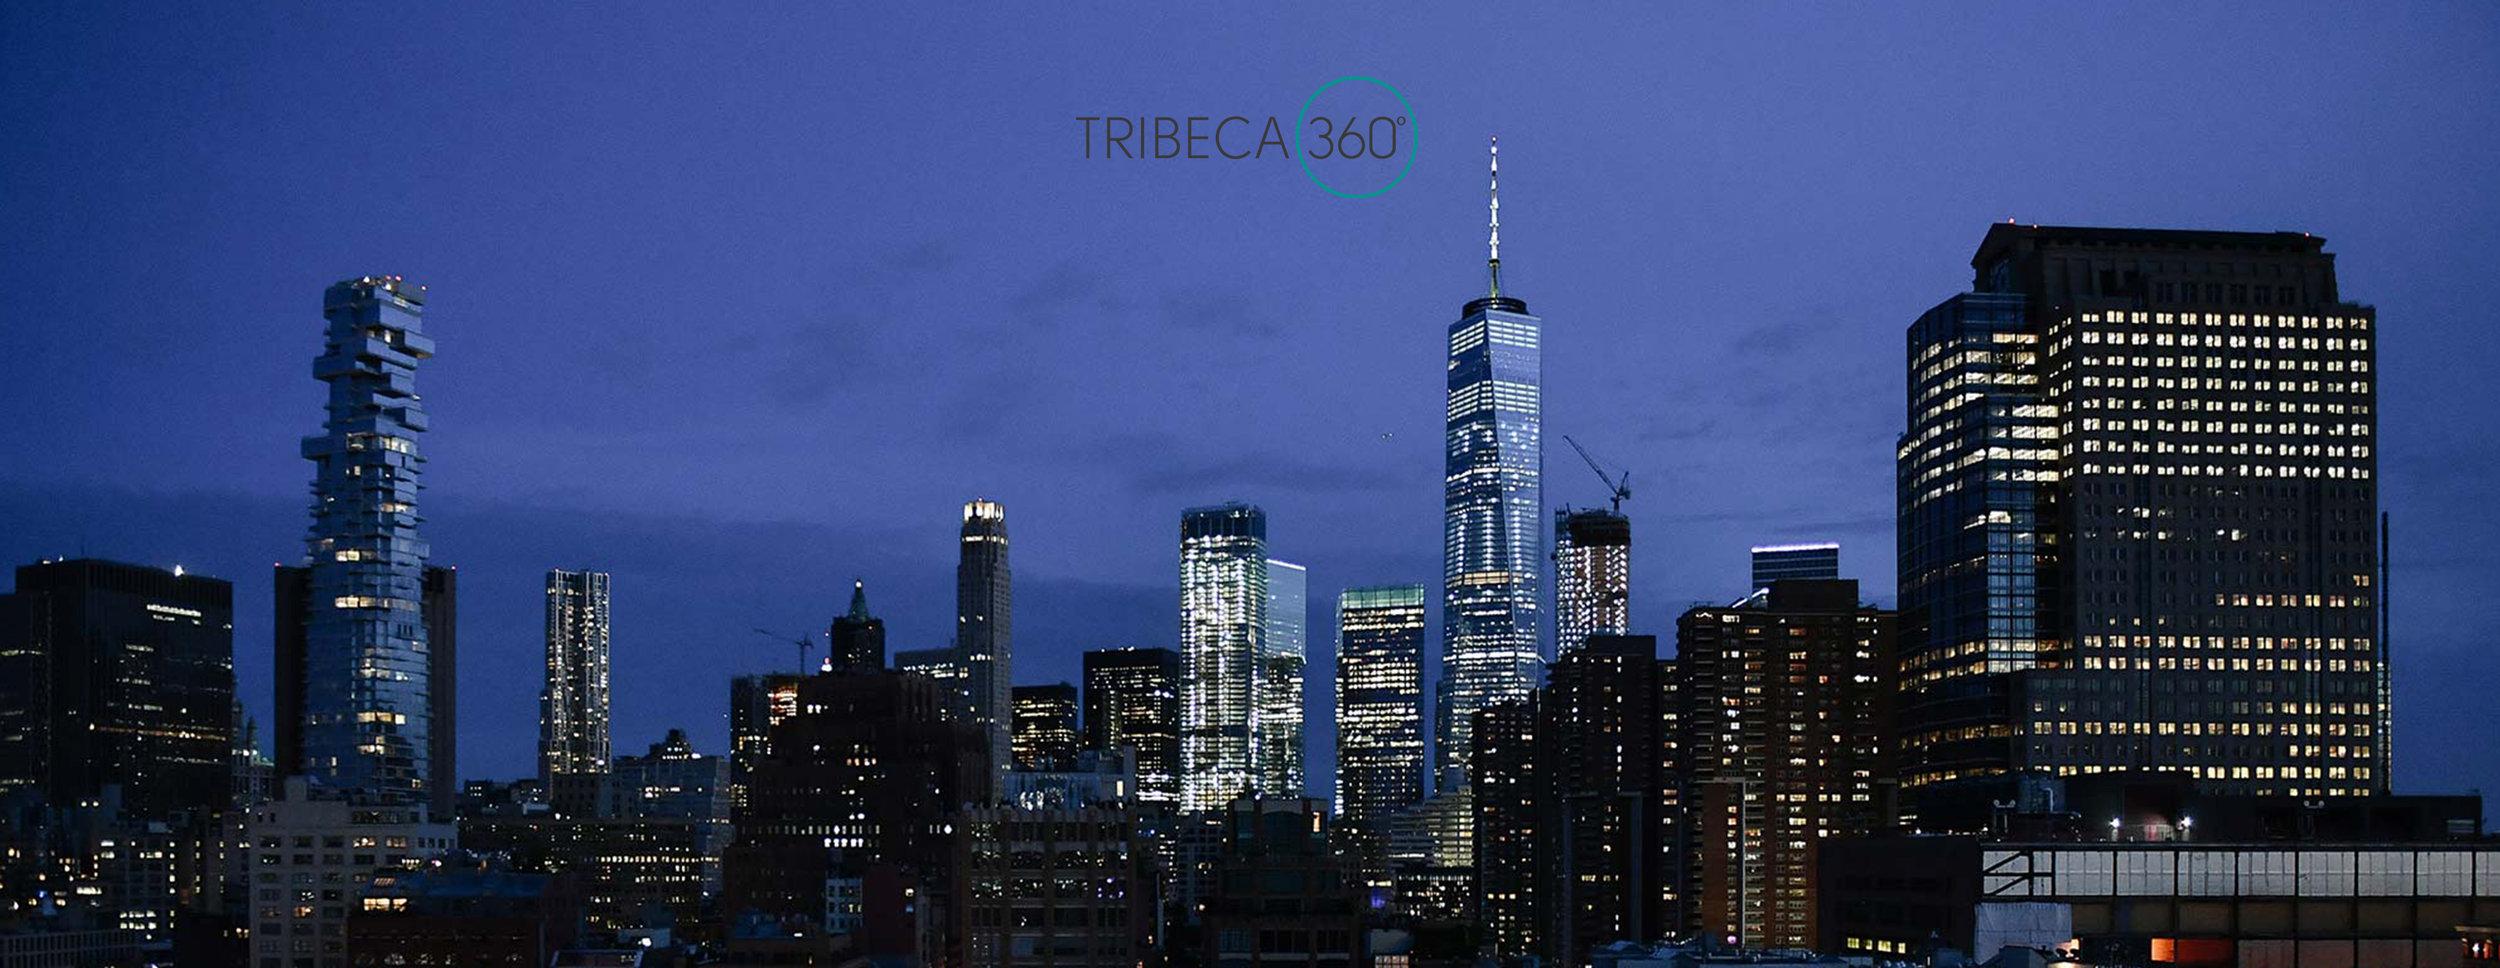 Tribeca-location.jpg